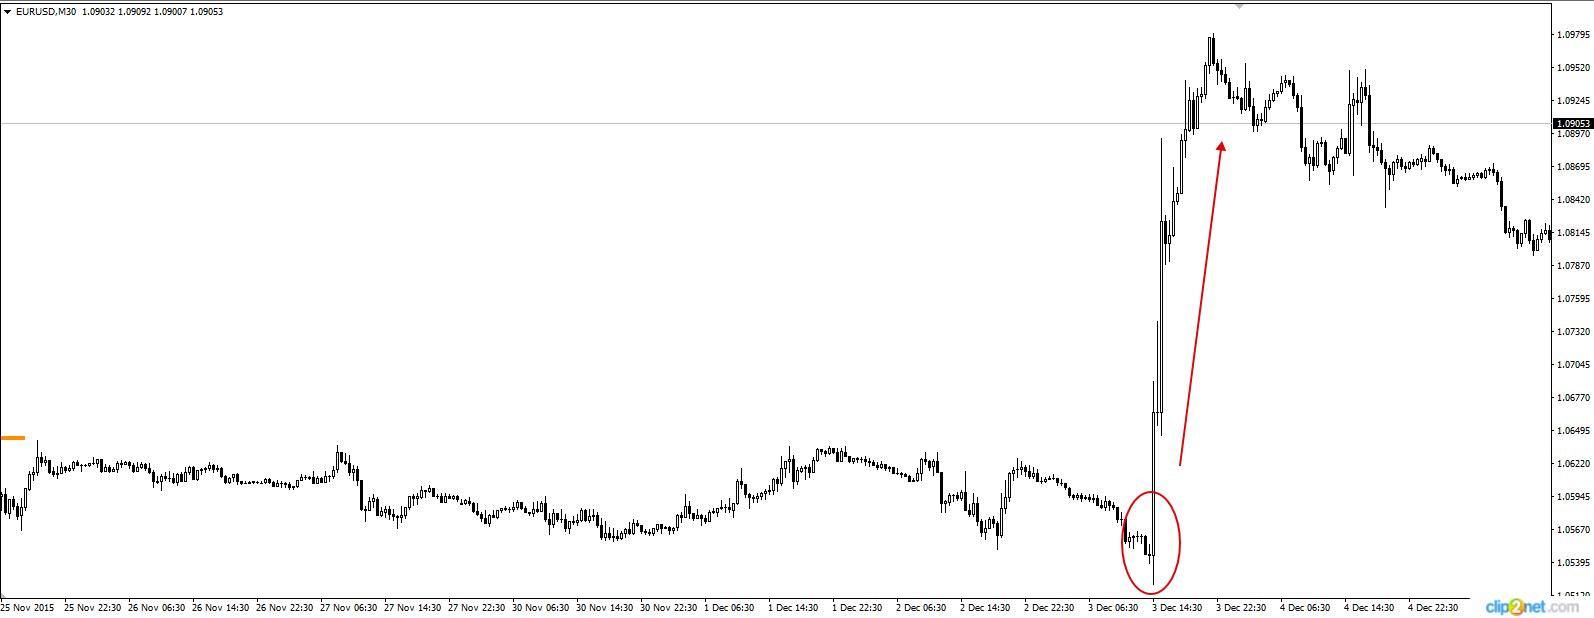 Czy reakcja z grudnia na EUR/USD nie jest podobna? Wykres 3. EUR/USD, M30, 3.12.2015